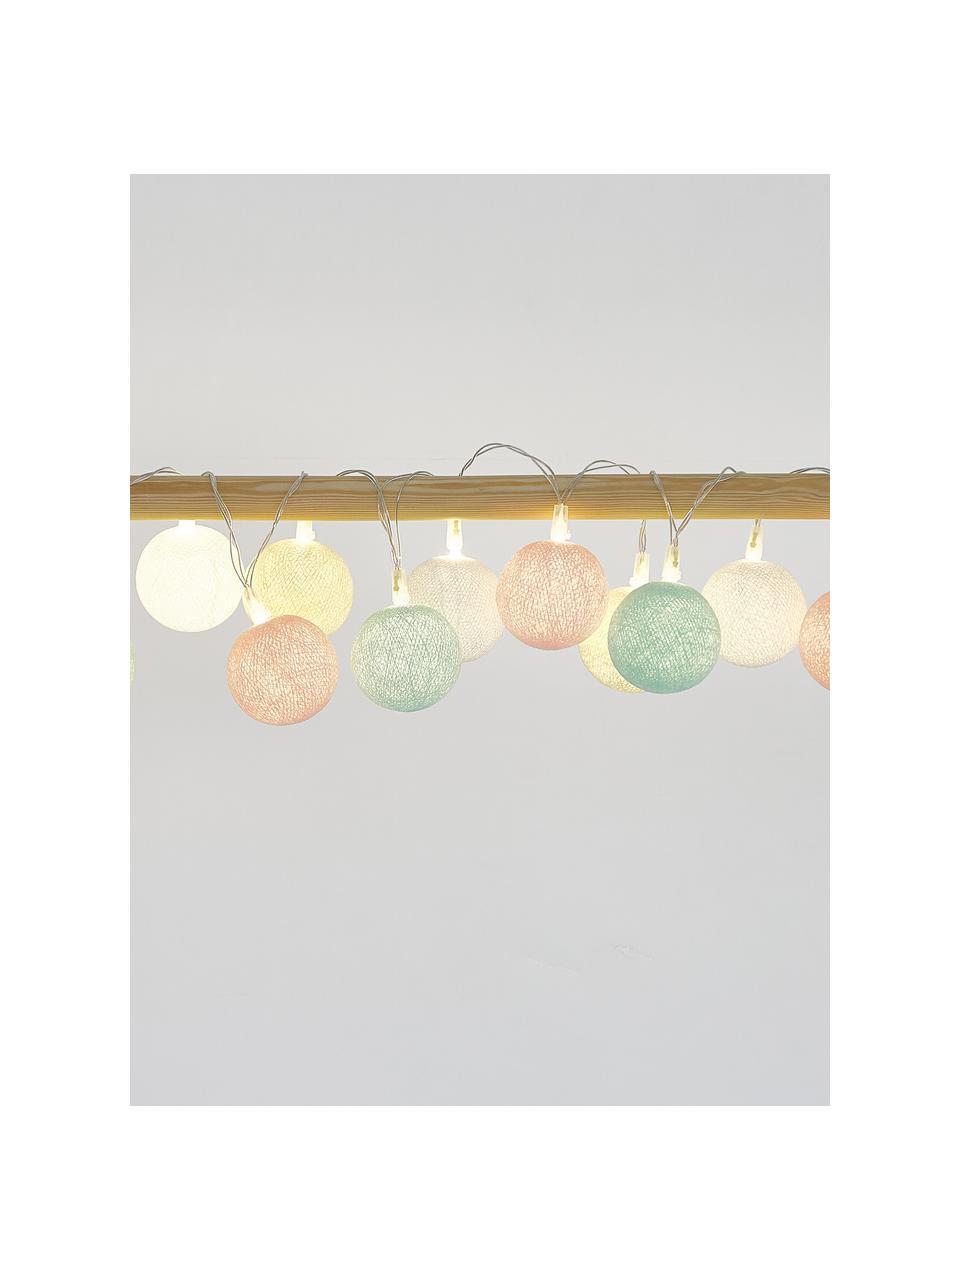 LED-Lichterkette Colorain, 378 cm, 20 Lampions, Weiß, Creme, Puderrosa, Hellblau, L 378 cm